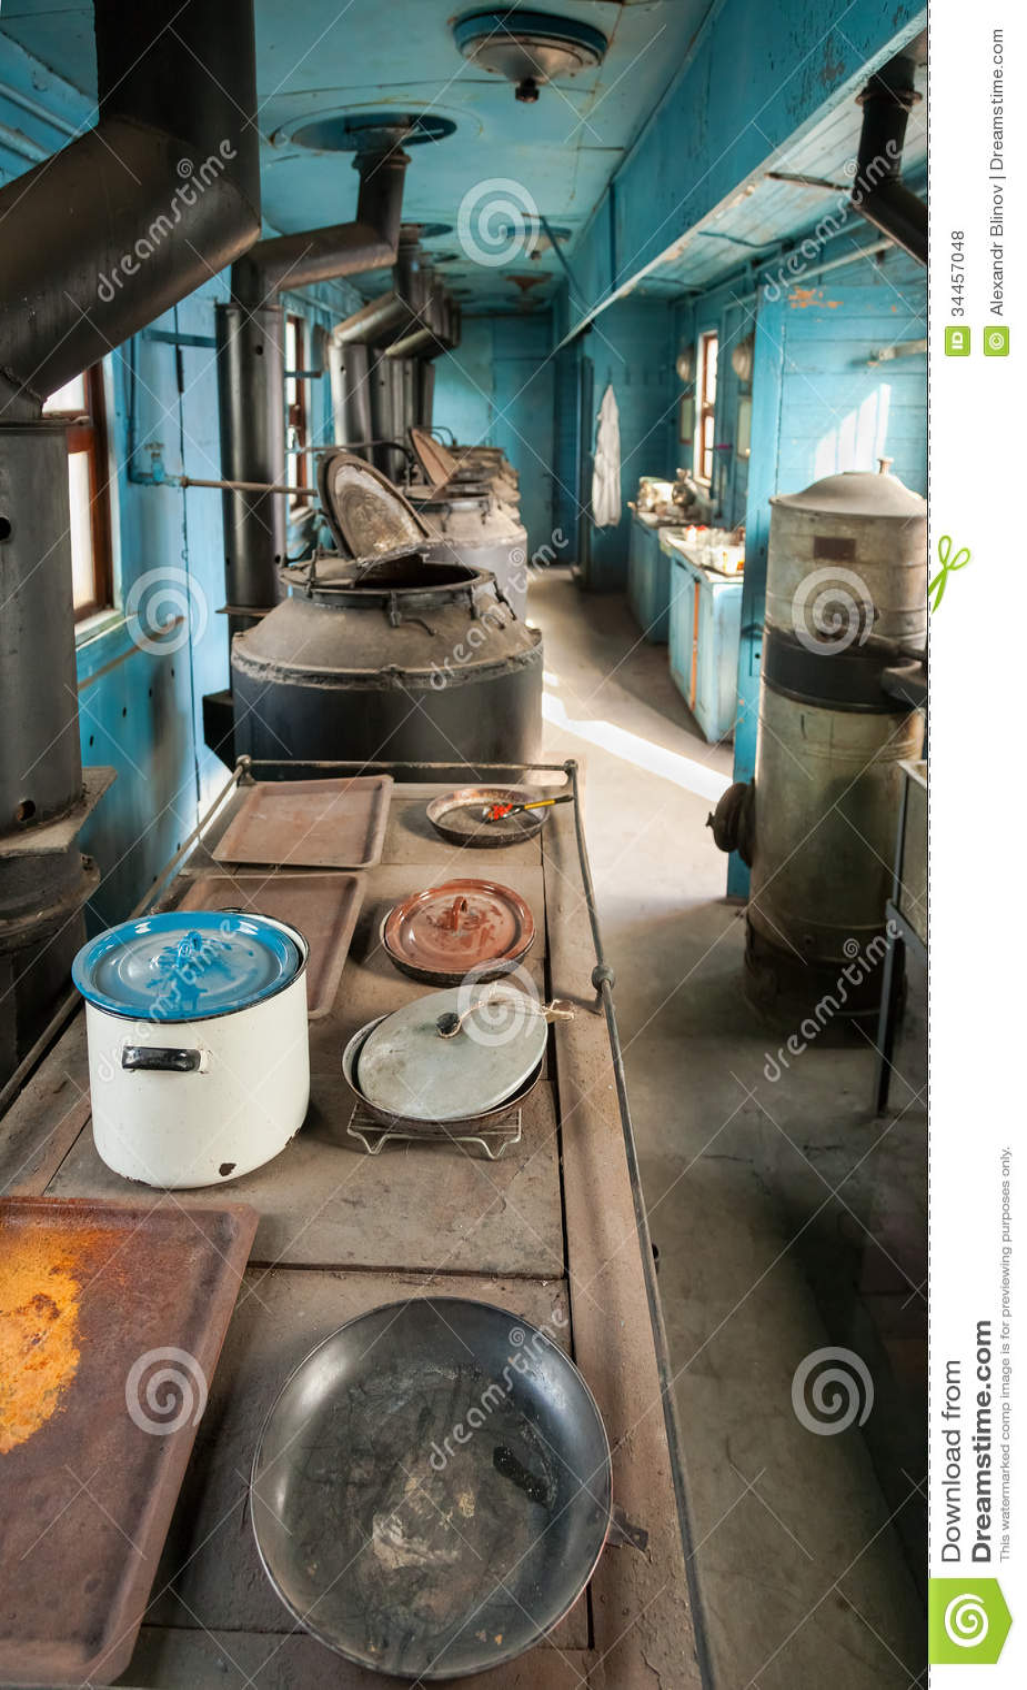 kitchen prep cart sliding baskets 老铁货车厨房库存照片 图片包括有平底锅 厨房 铁路 火炉 通信工具 老铁货车厨房